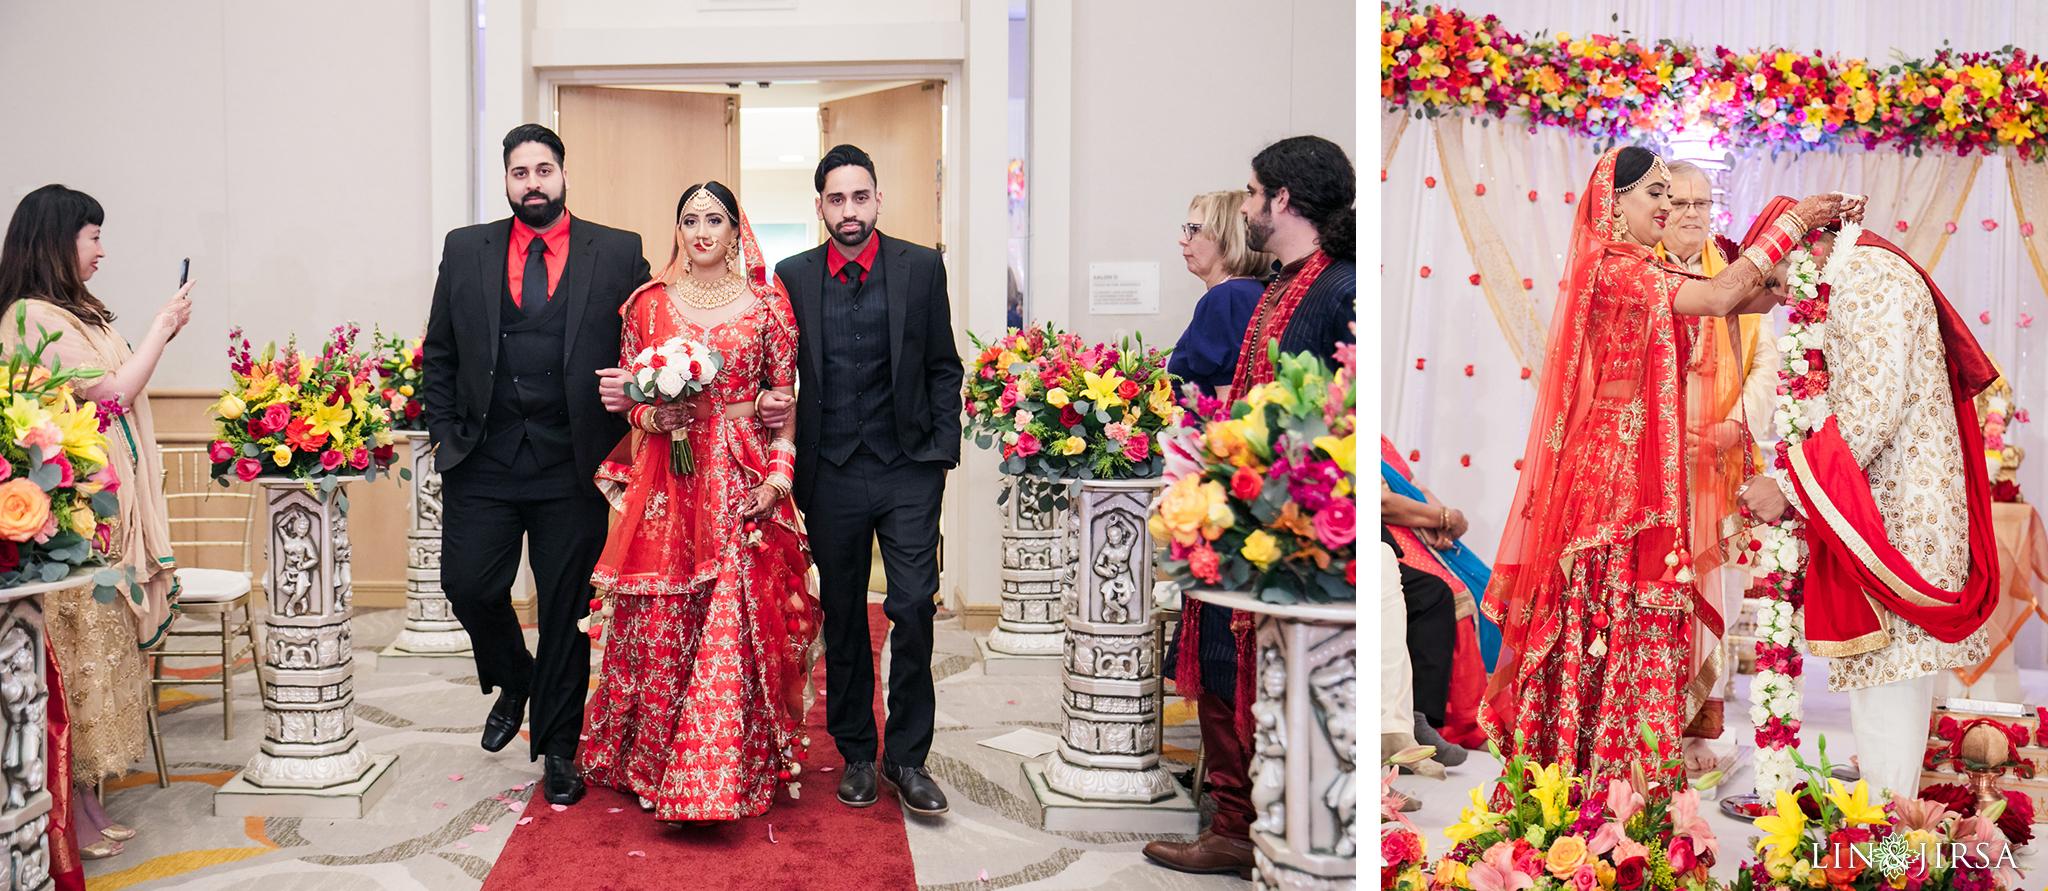 20 Hotel Irvine Punjabi Hindu Indian Wedding Photography